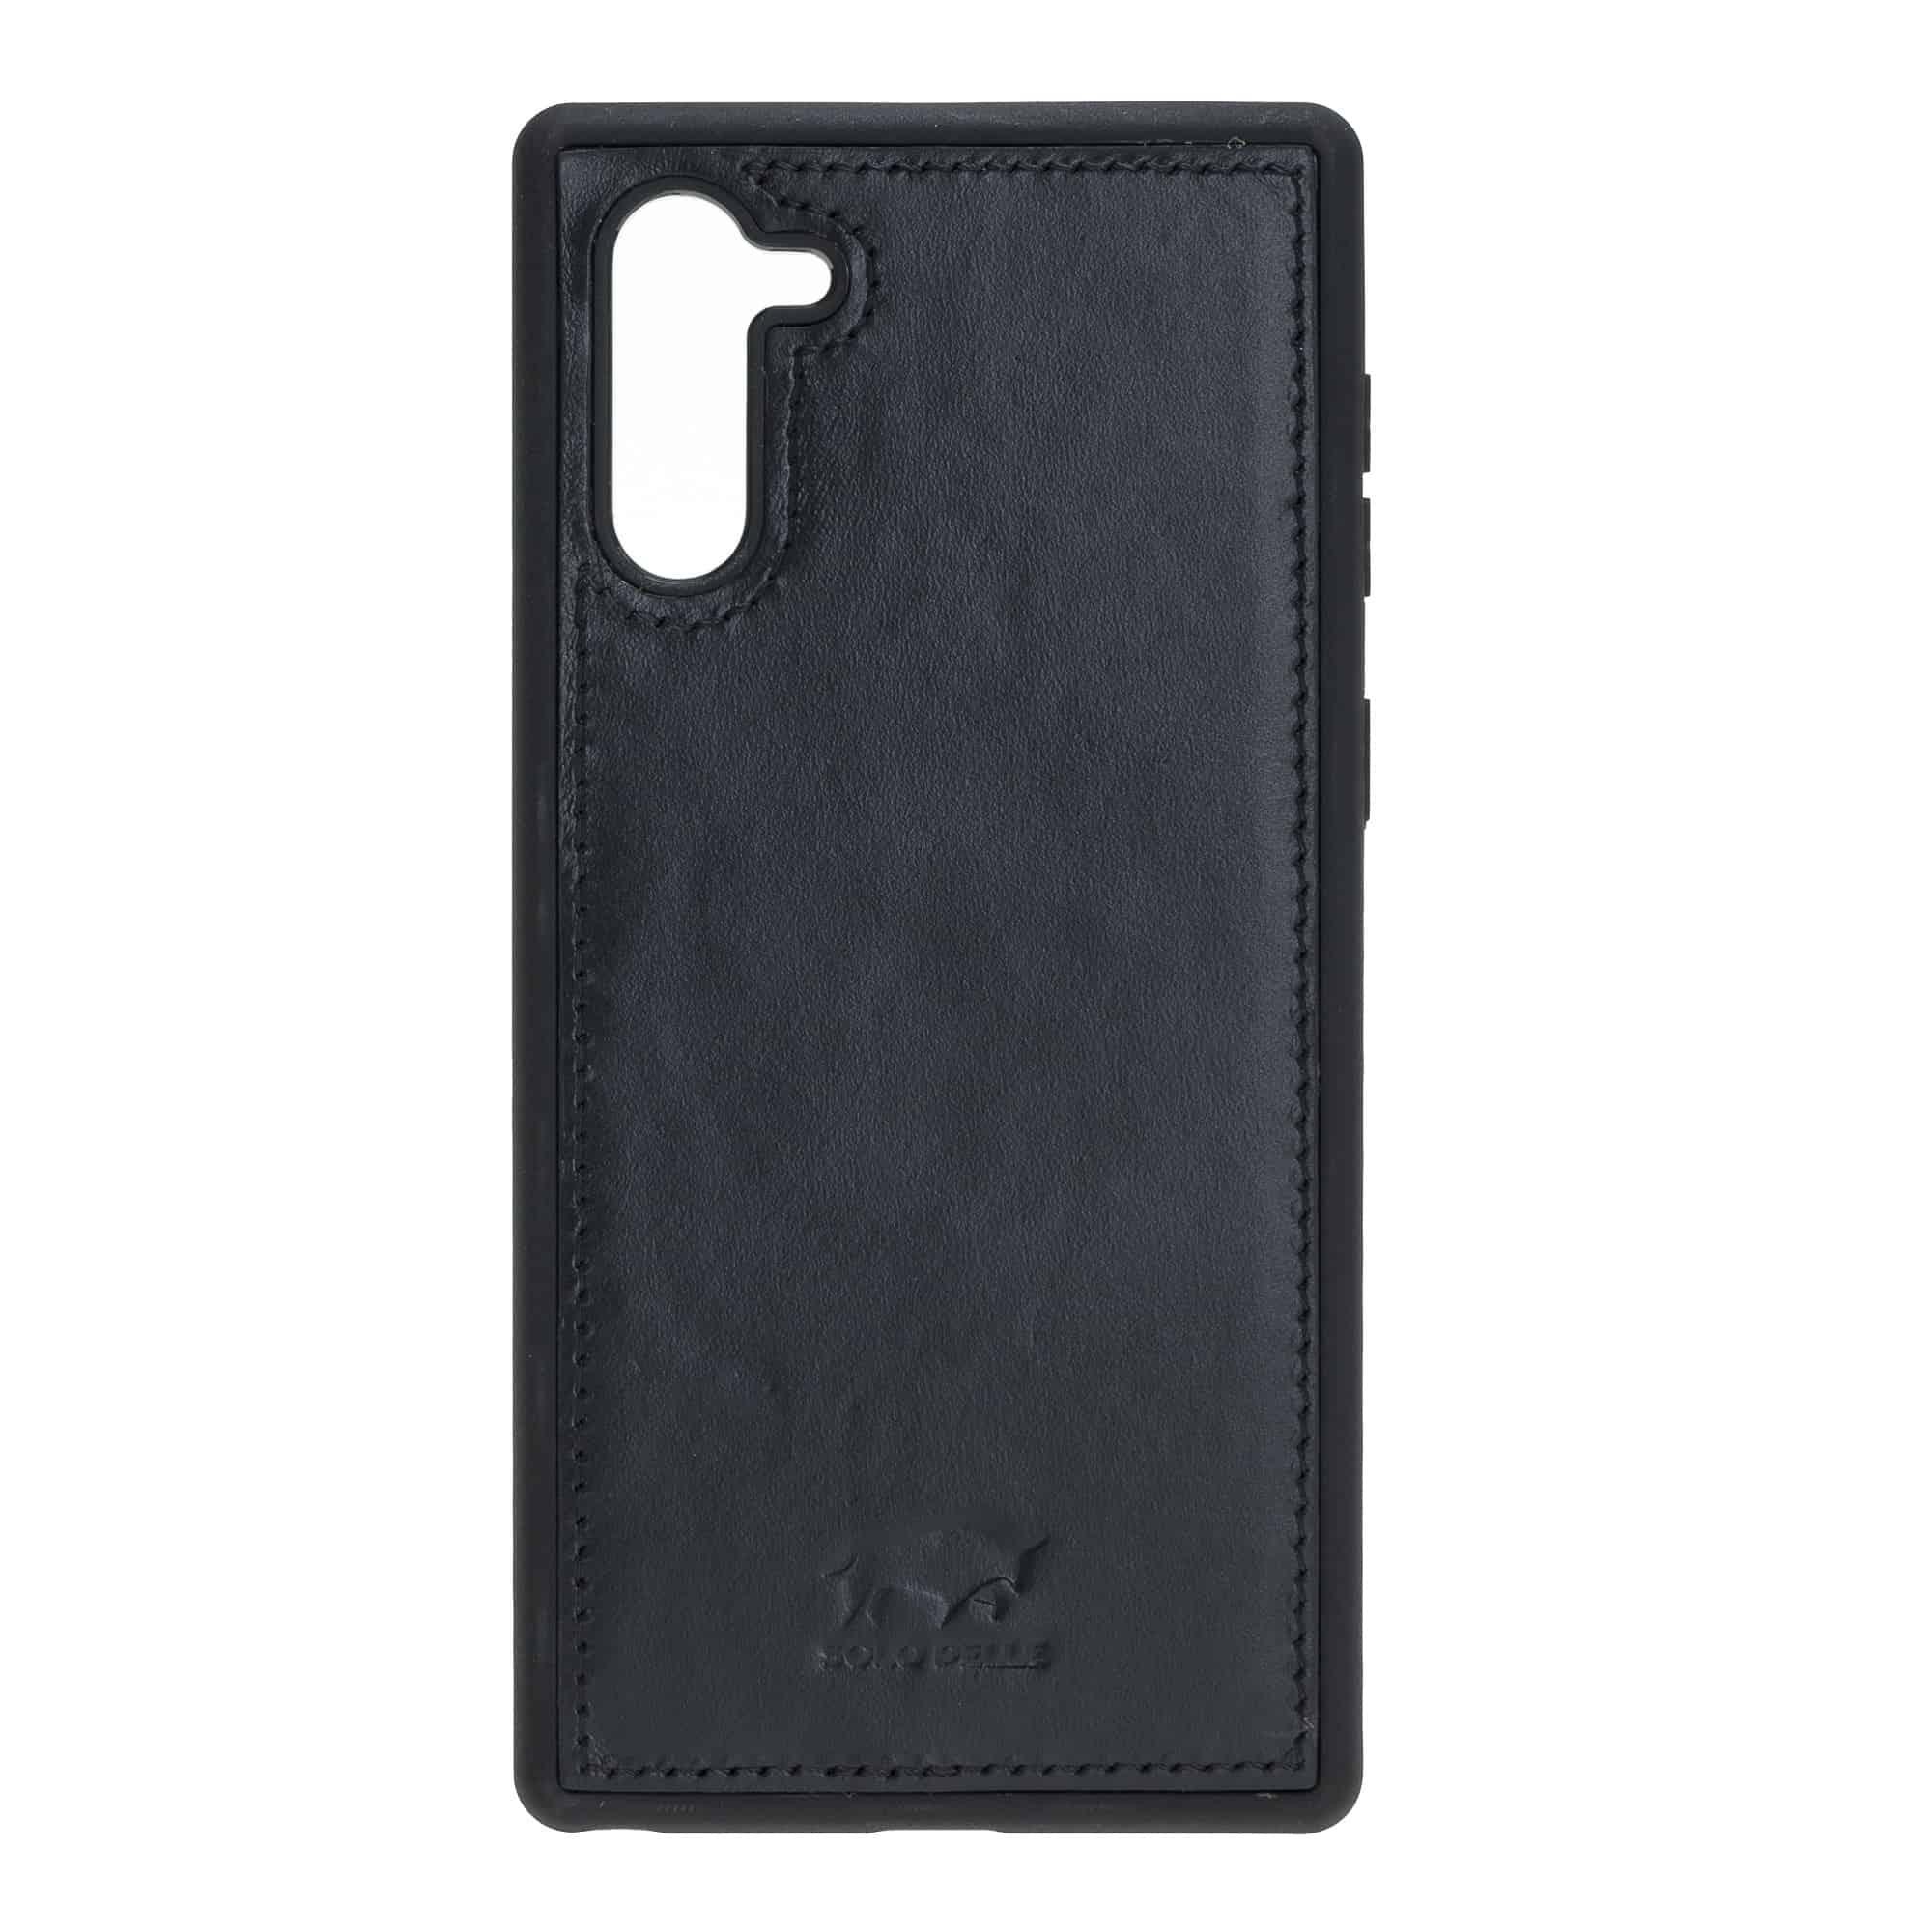 Solo Pelle Lederhülle Harvard kompatibel für das Samsung  Note10 inklusive abnehmbare Hülle mit integrierten Kartenfächern (Schwarz)